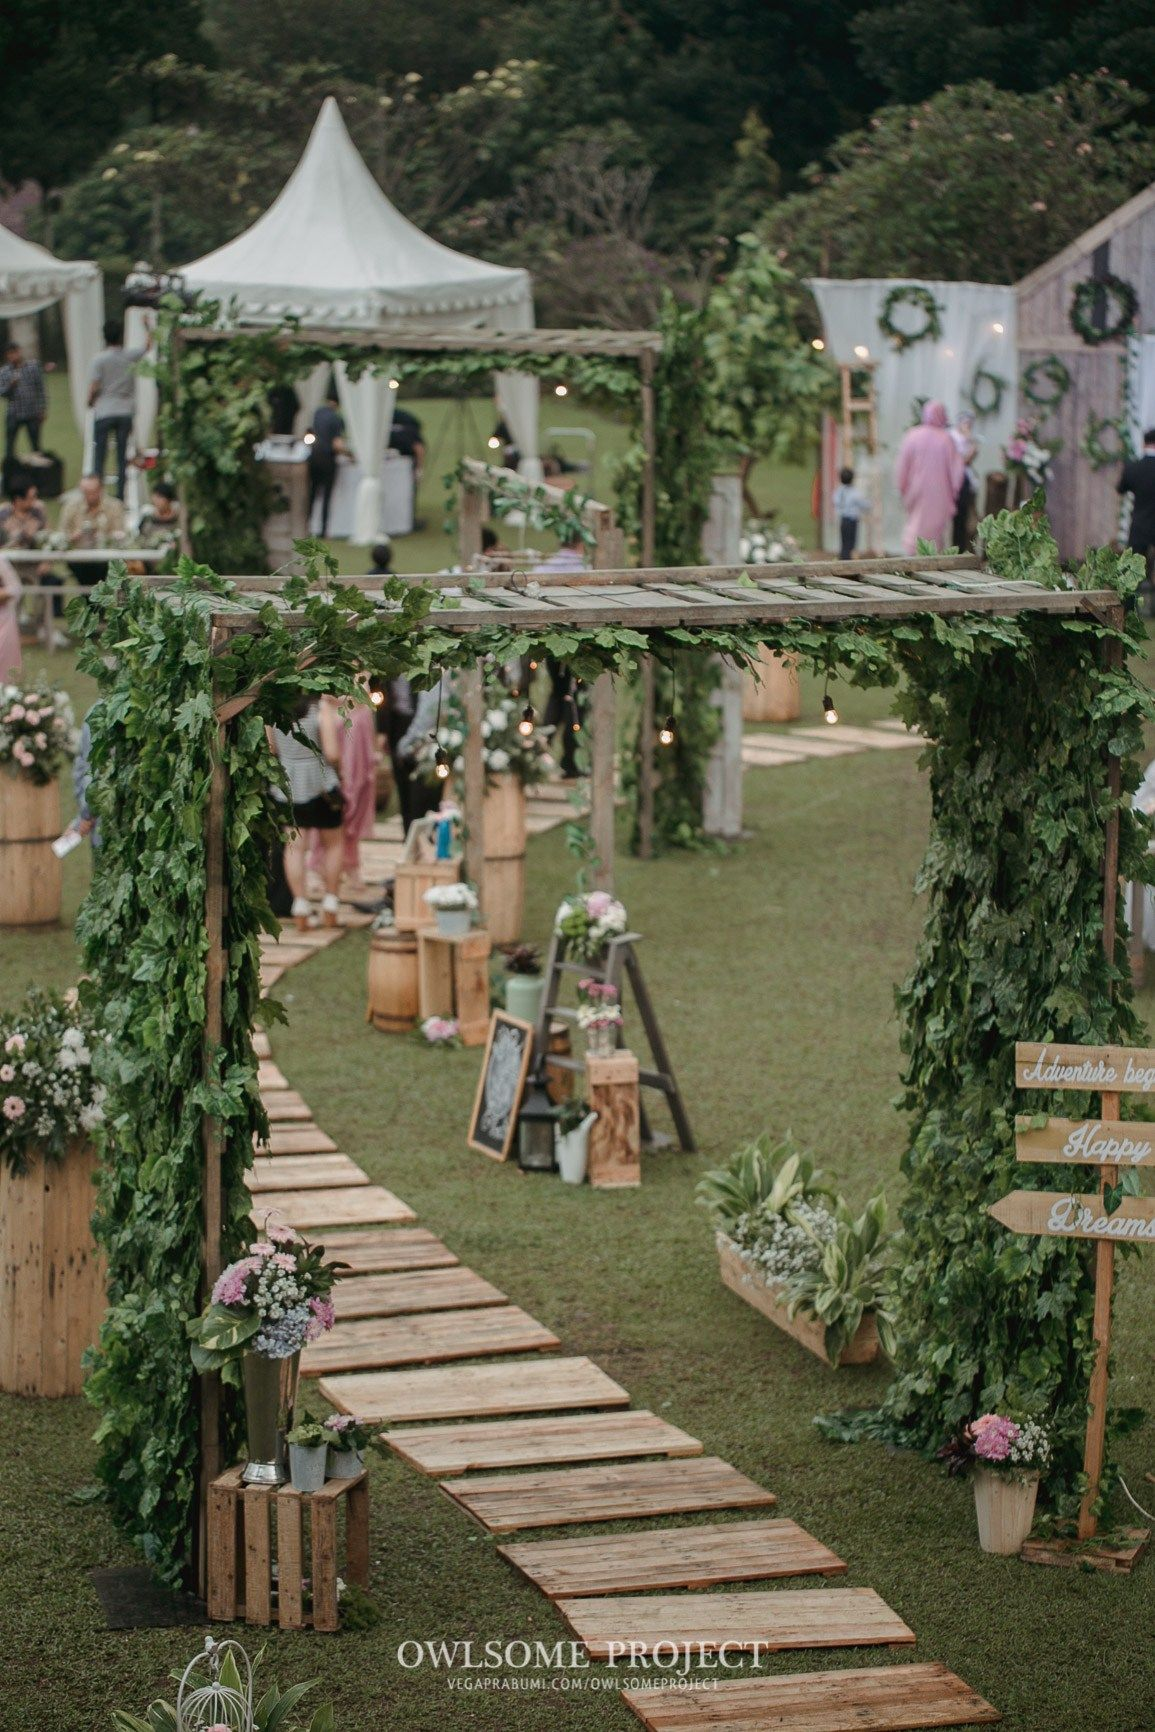 Pernikahan outdoor ala dhanita dan erik di bumi sangkuriang pernikahan outdoor ala dhanita dan erik di bumi sangkuriang owlsome 300 of 443 junglespirit Choice Image